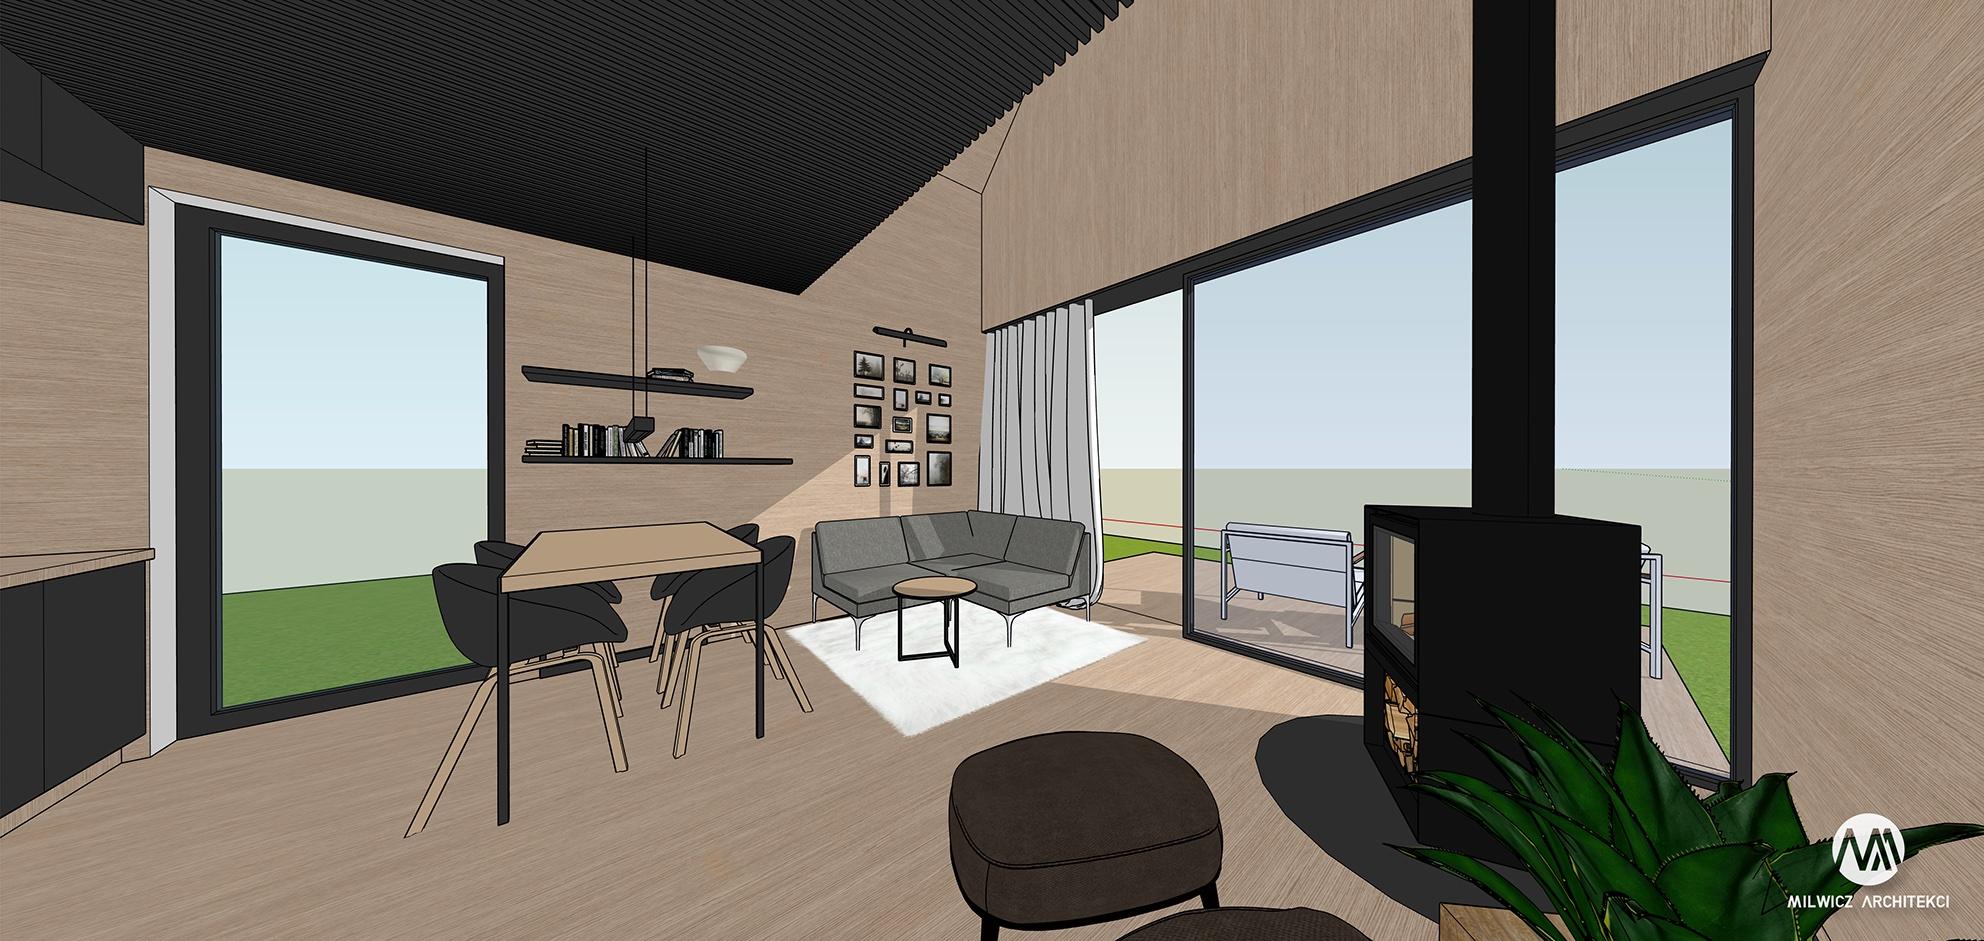 Projekt na zgłoszenie, projekt bez pozwolenia, dom do 35m2, mały dom, dom letniskowy, budynek rekreacji indywidualnej, konstrukcja szkieletowa, HBE, CLT, nowoczesna stodoła, nowoczesna architektura, energooszczędny, ekonomiczny, ekologiczny, budynek całoroczny, budynek pasywny, zeroenergetyczny, modułowy, z rozbudową, drewniany, przeszklona fasada, glamping, slowhop, dom pod miastem, projekt gotowy, dom na wąską działkę, tani dom, piękny projekt, z antresolą, wysoki salon, duże oknajpg